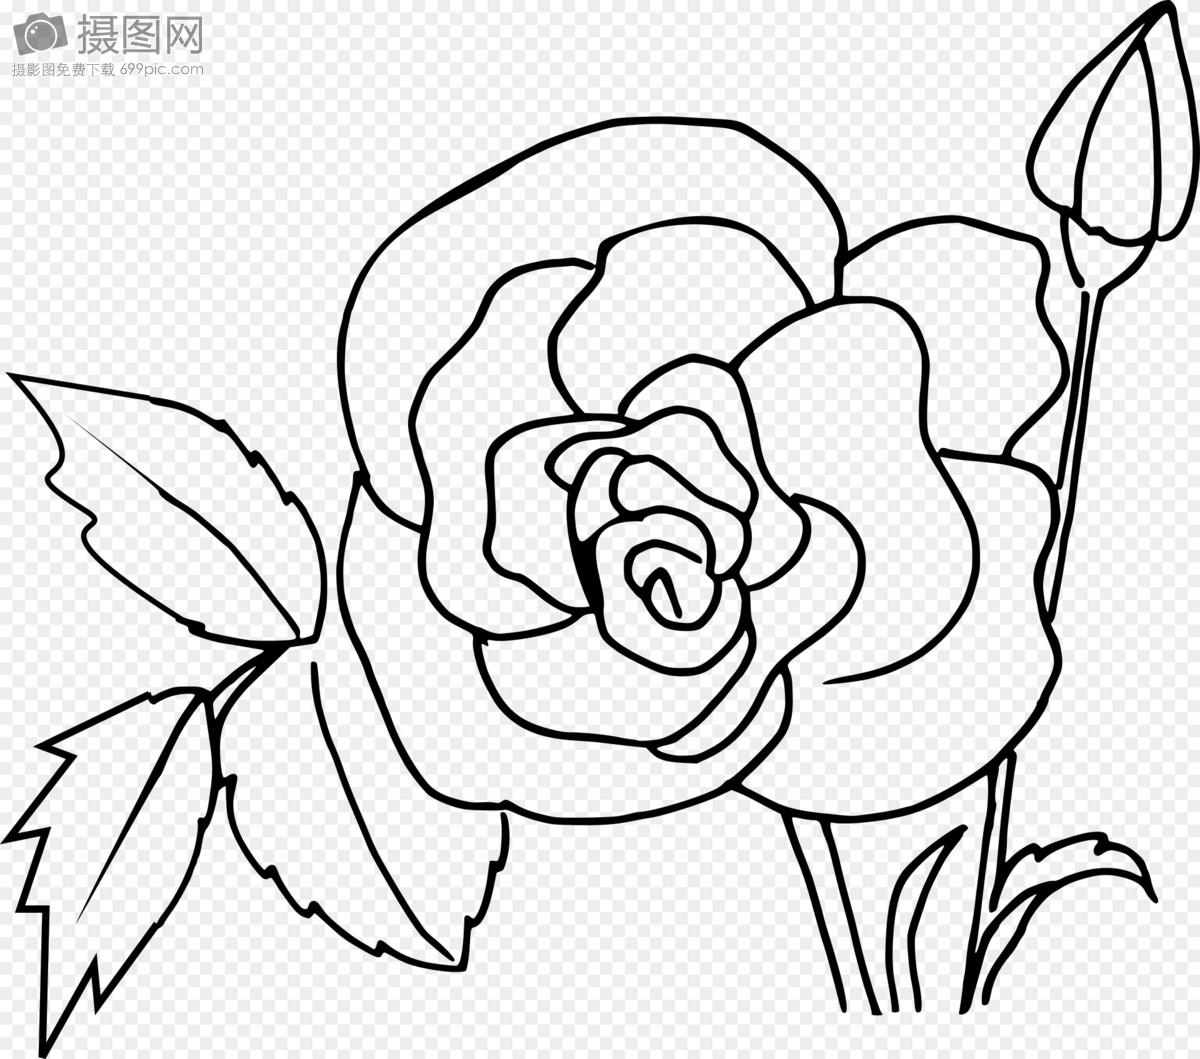 玫瑰花手绘图图片